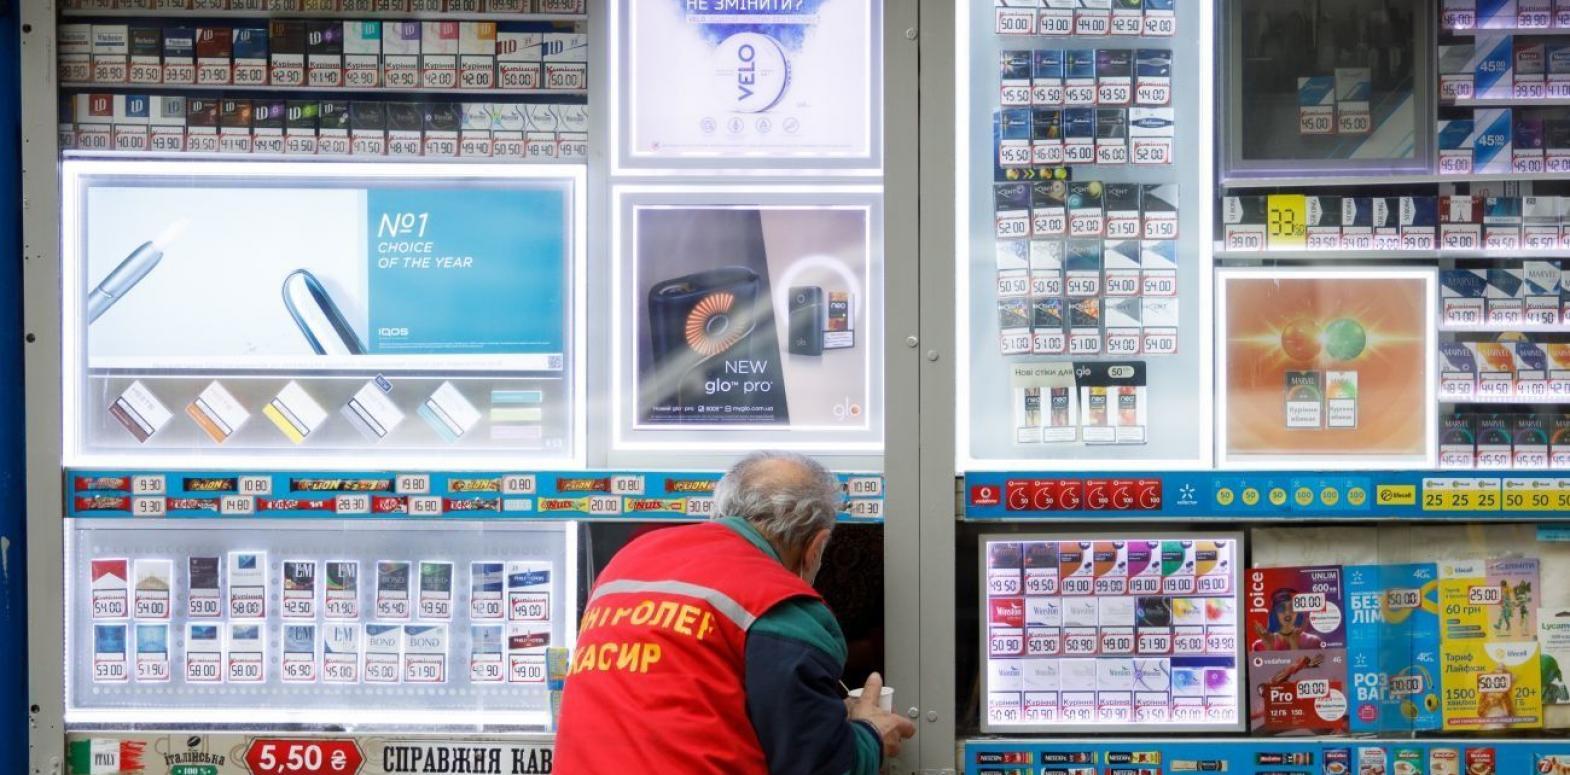 Винниковская табачная фабрика производит 62% нелегальных сигарет, - исследование